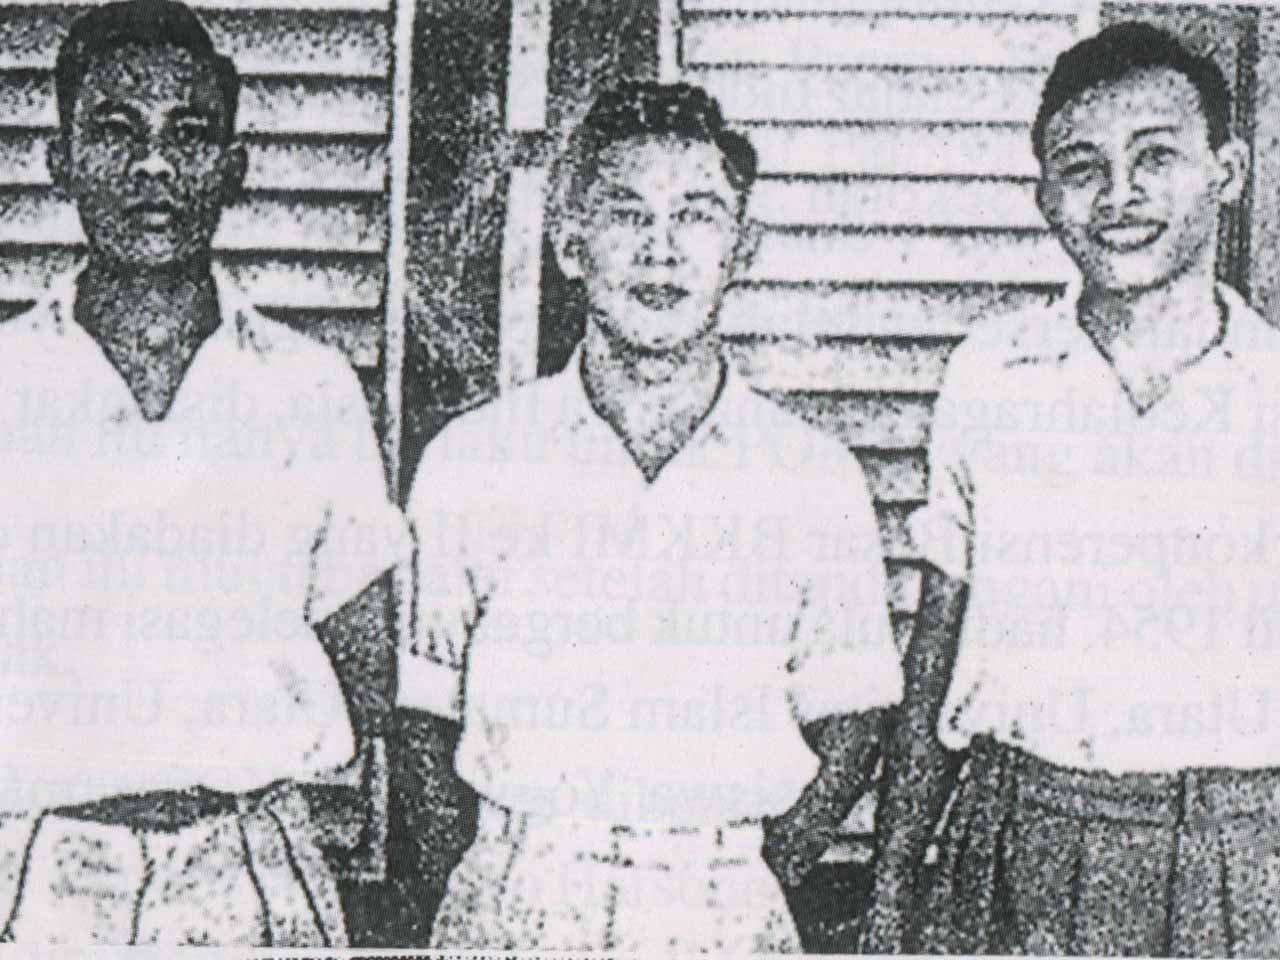 Kiprah Tionghoa dalam Olahraga